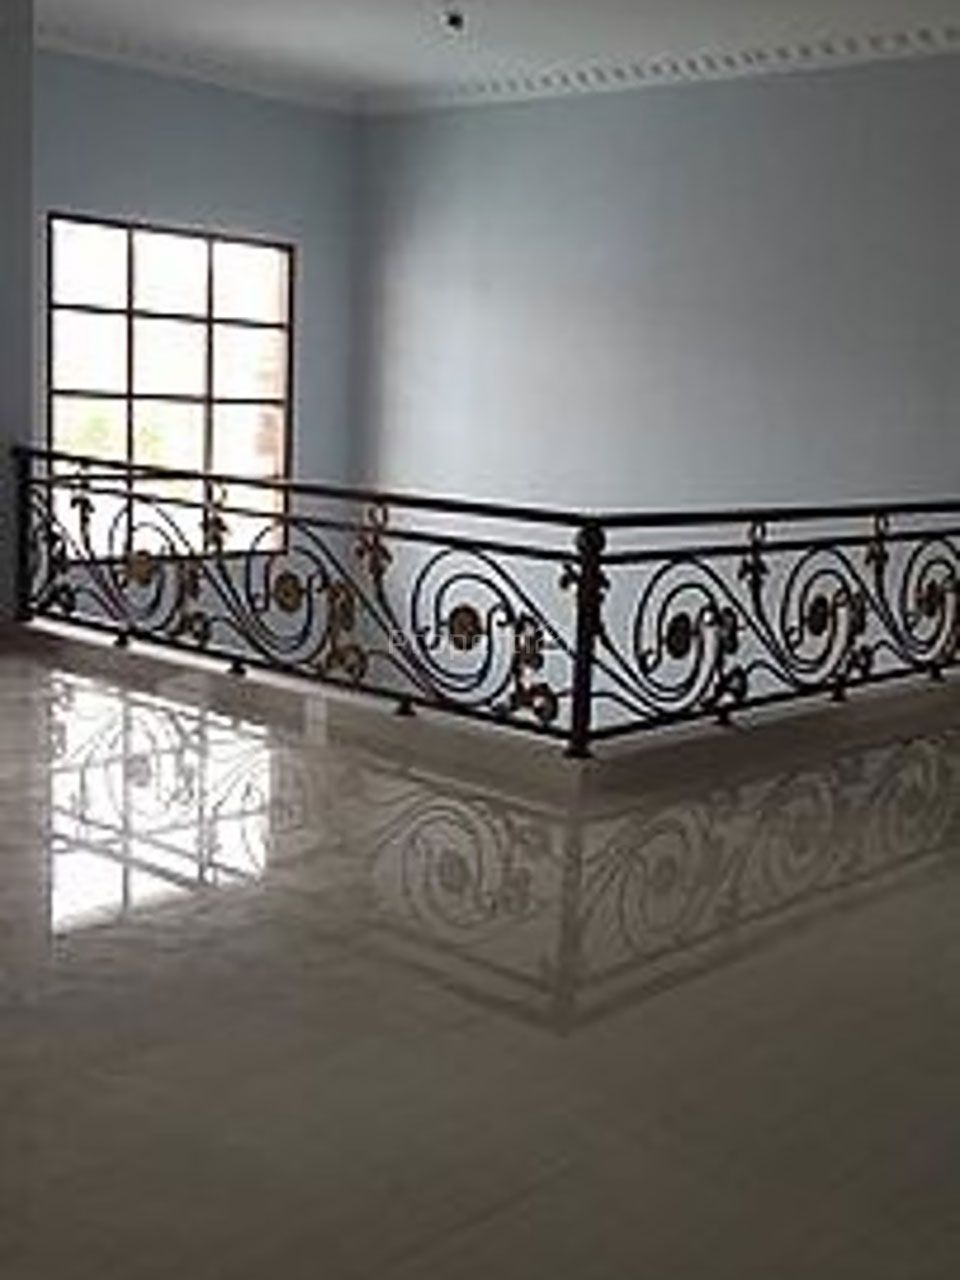 Rumah Mewah Klasik di Kota Wisata Cibubur, Kab. Bogor